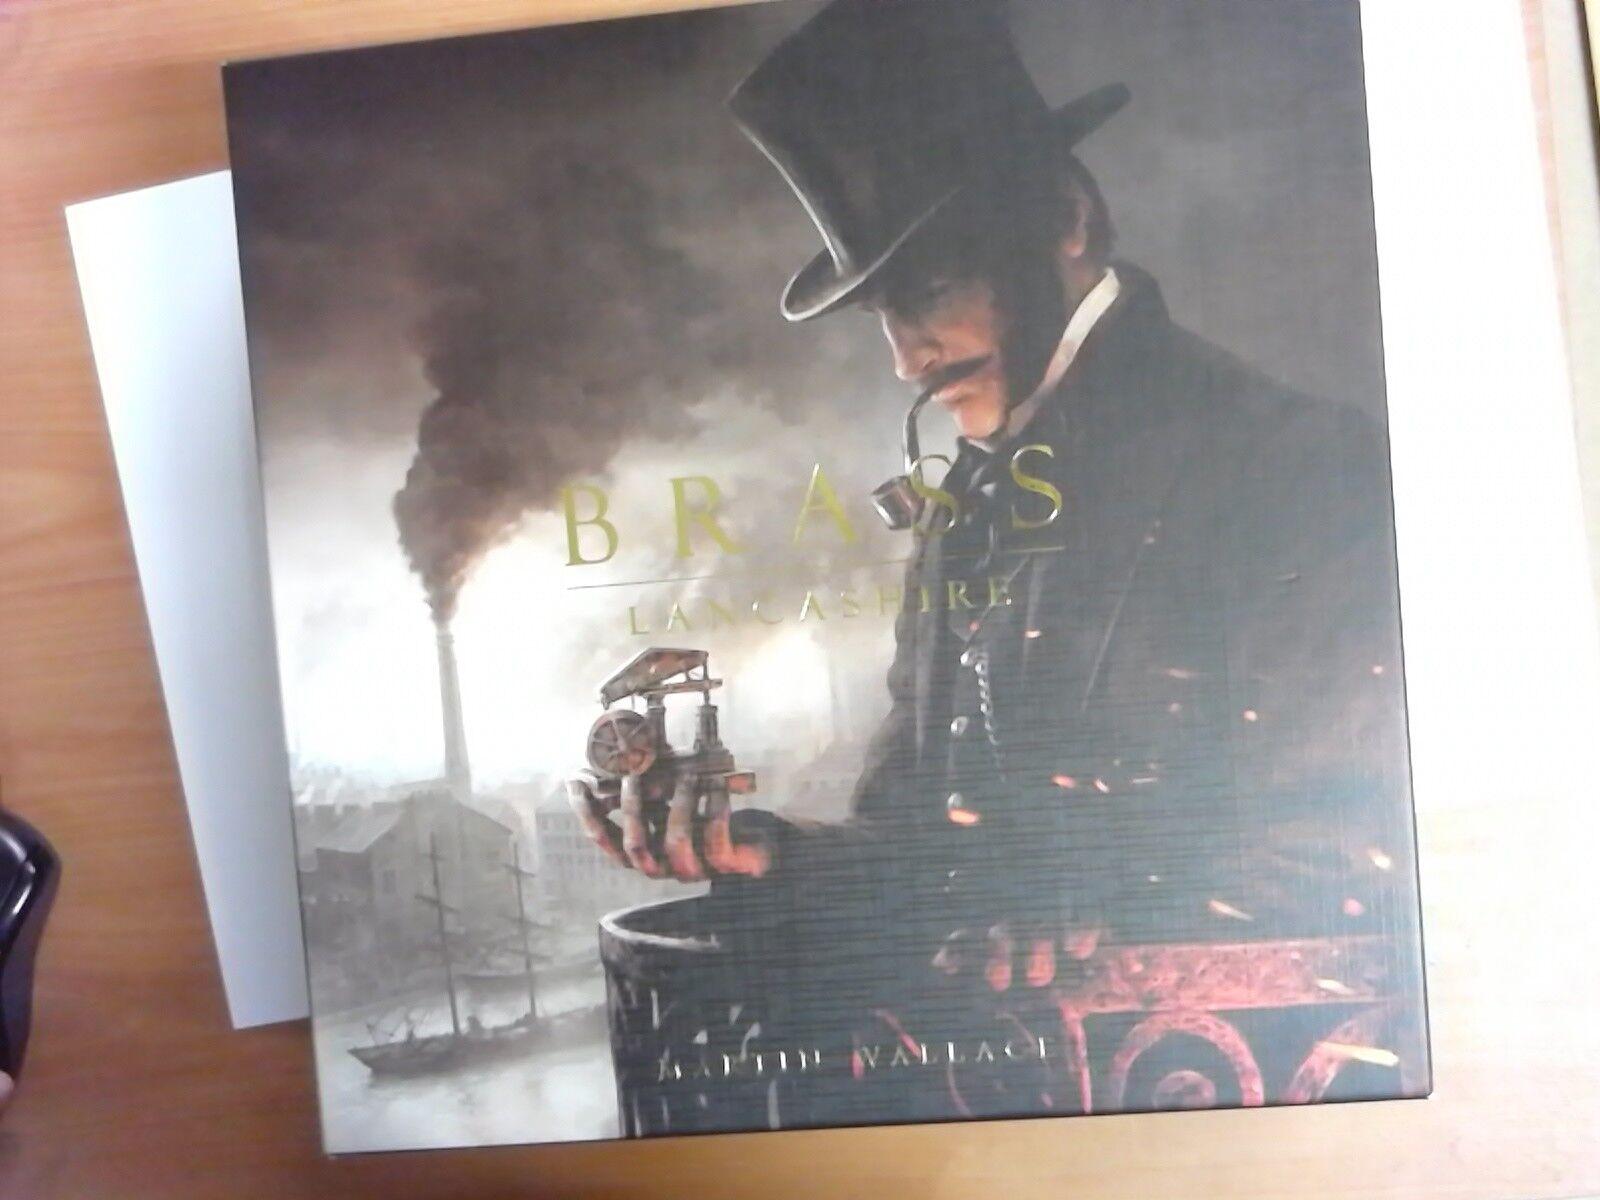 Brass Lancashire  Deluxe pédale de démarrage Edition  remise